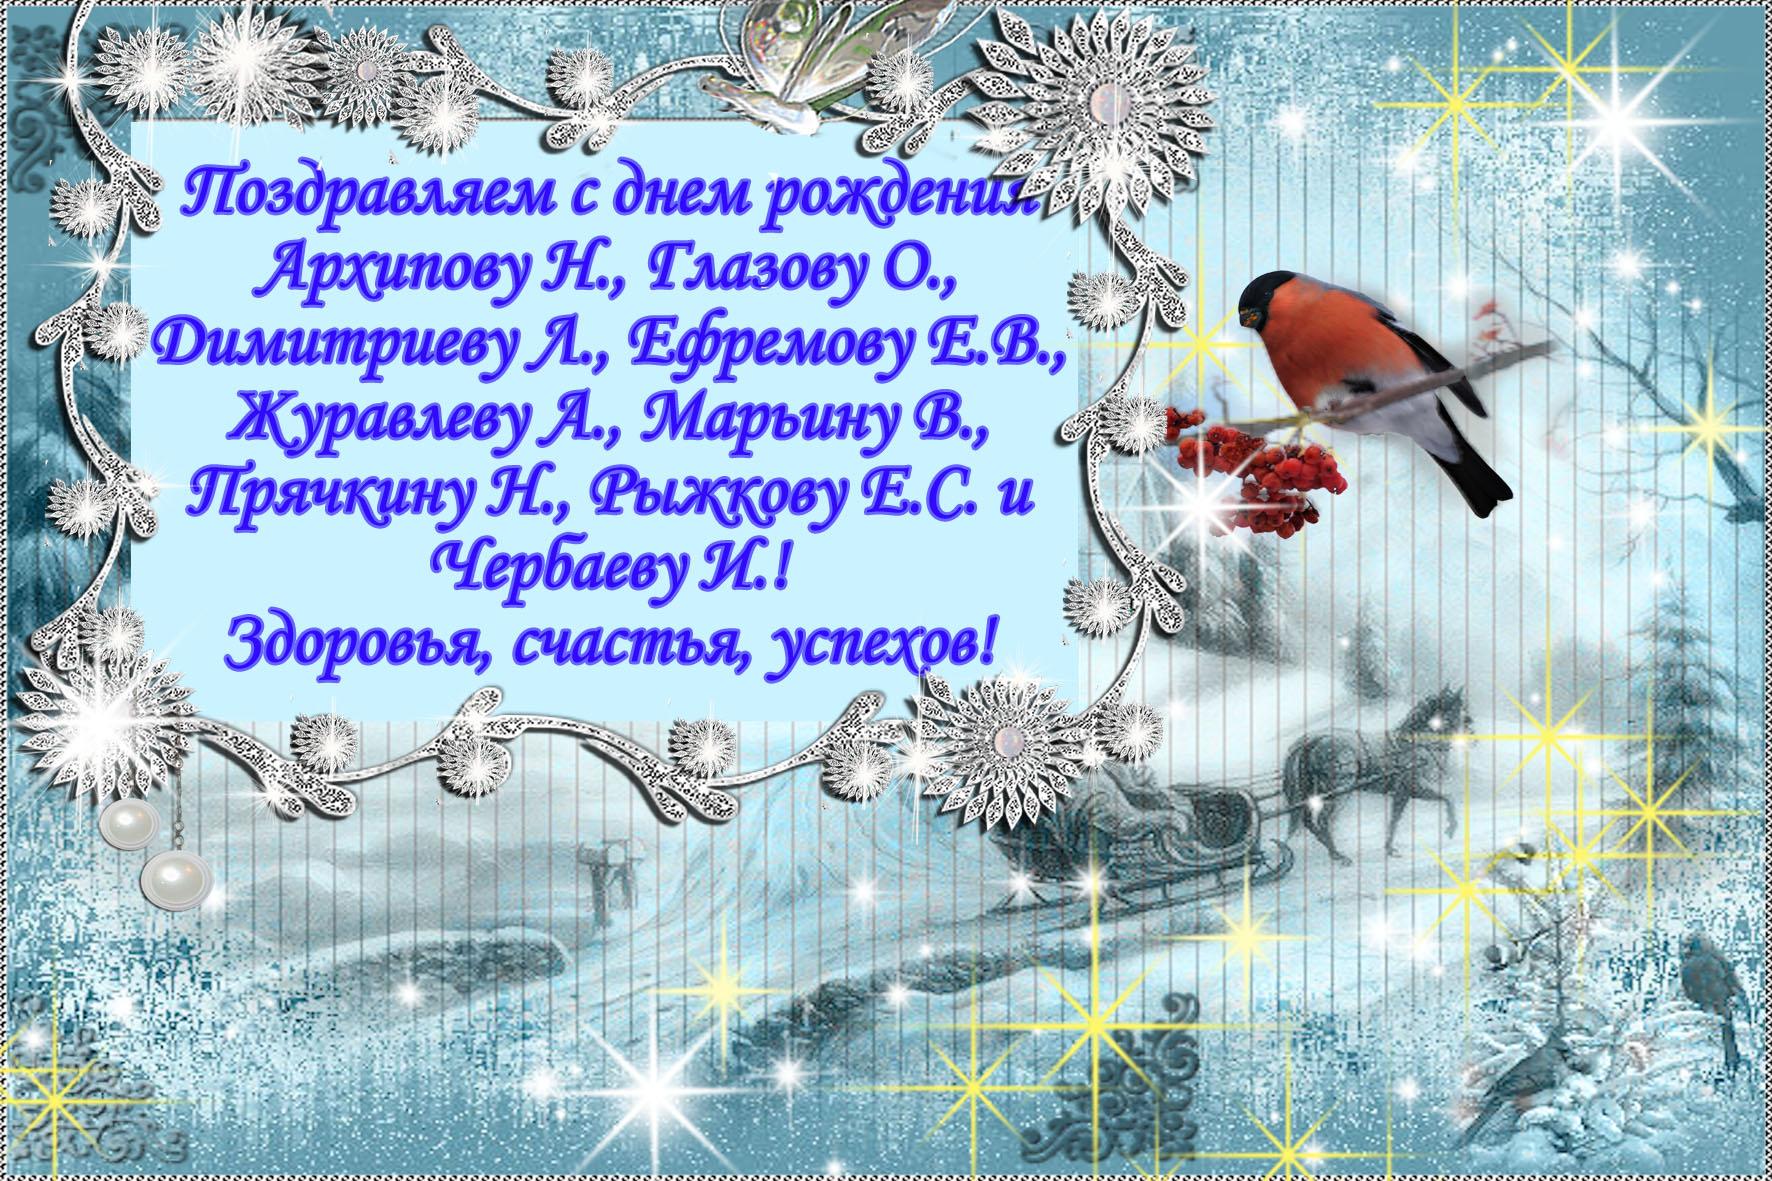 Поздравления с днем рождения 1730 поздравлений